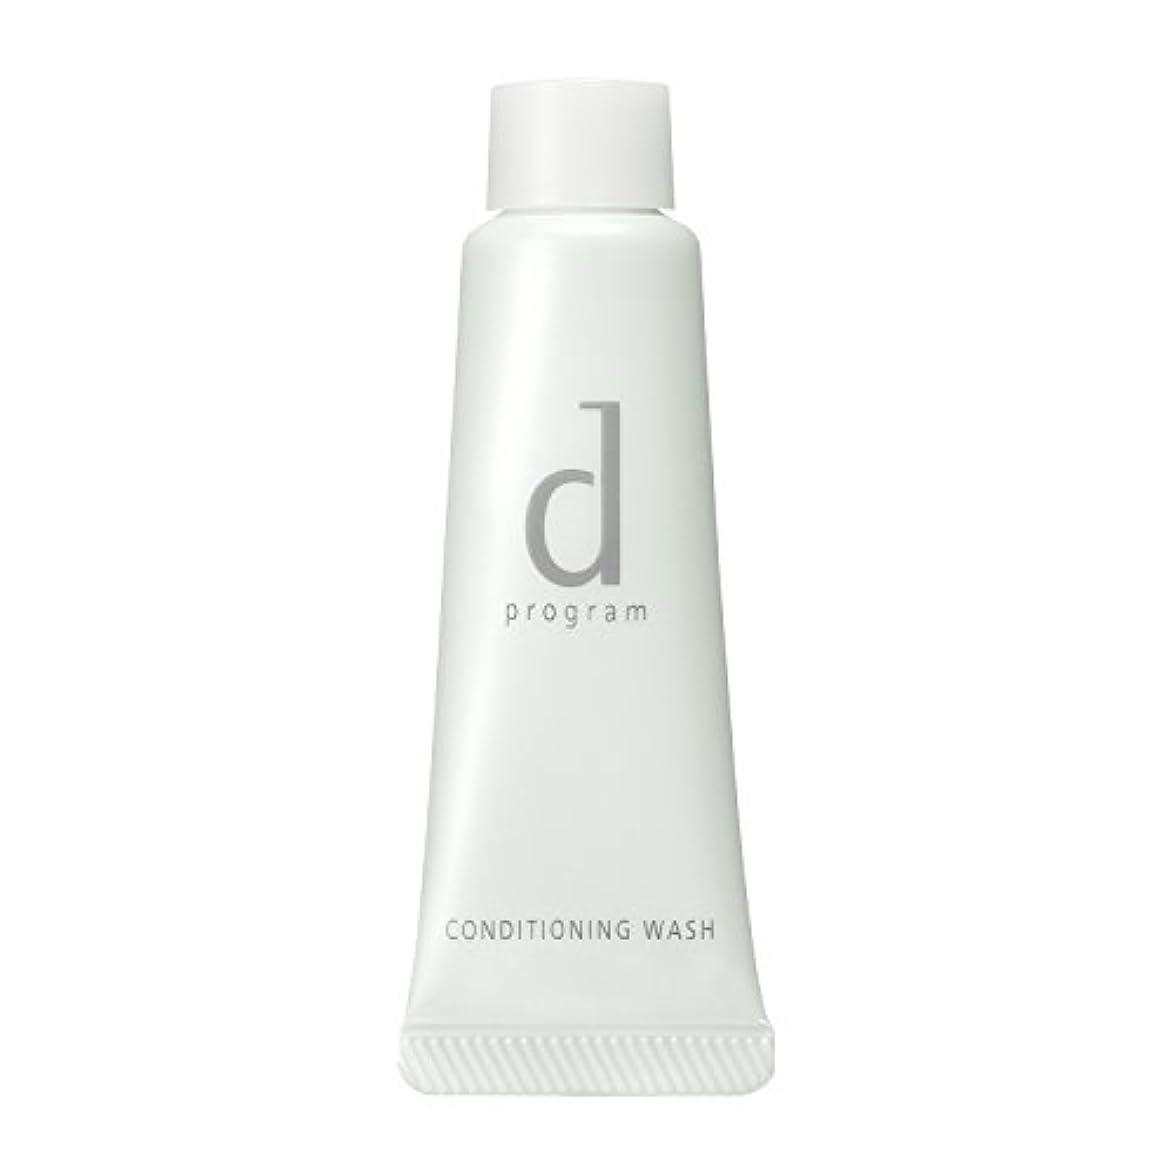 メーカー大混乱有限d プログラム コンディショニングウォッシュ 洗顔フォーム (トライアルサイズ) 20g